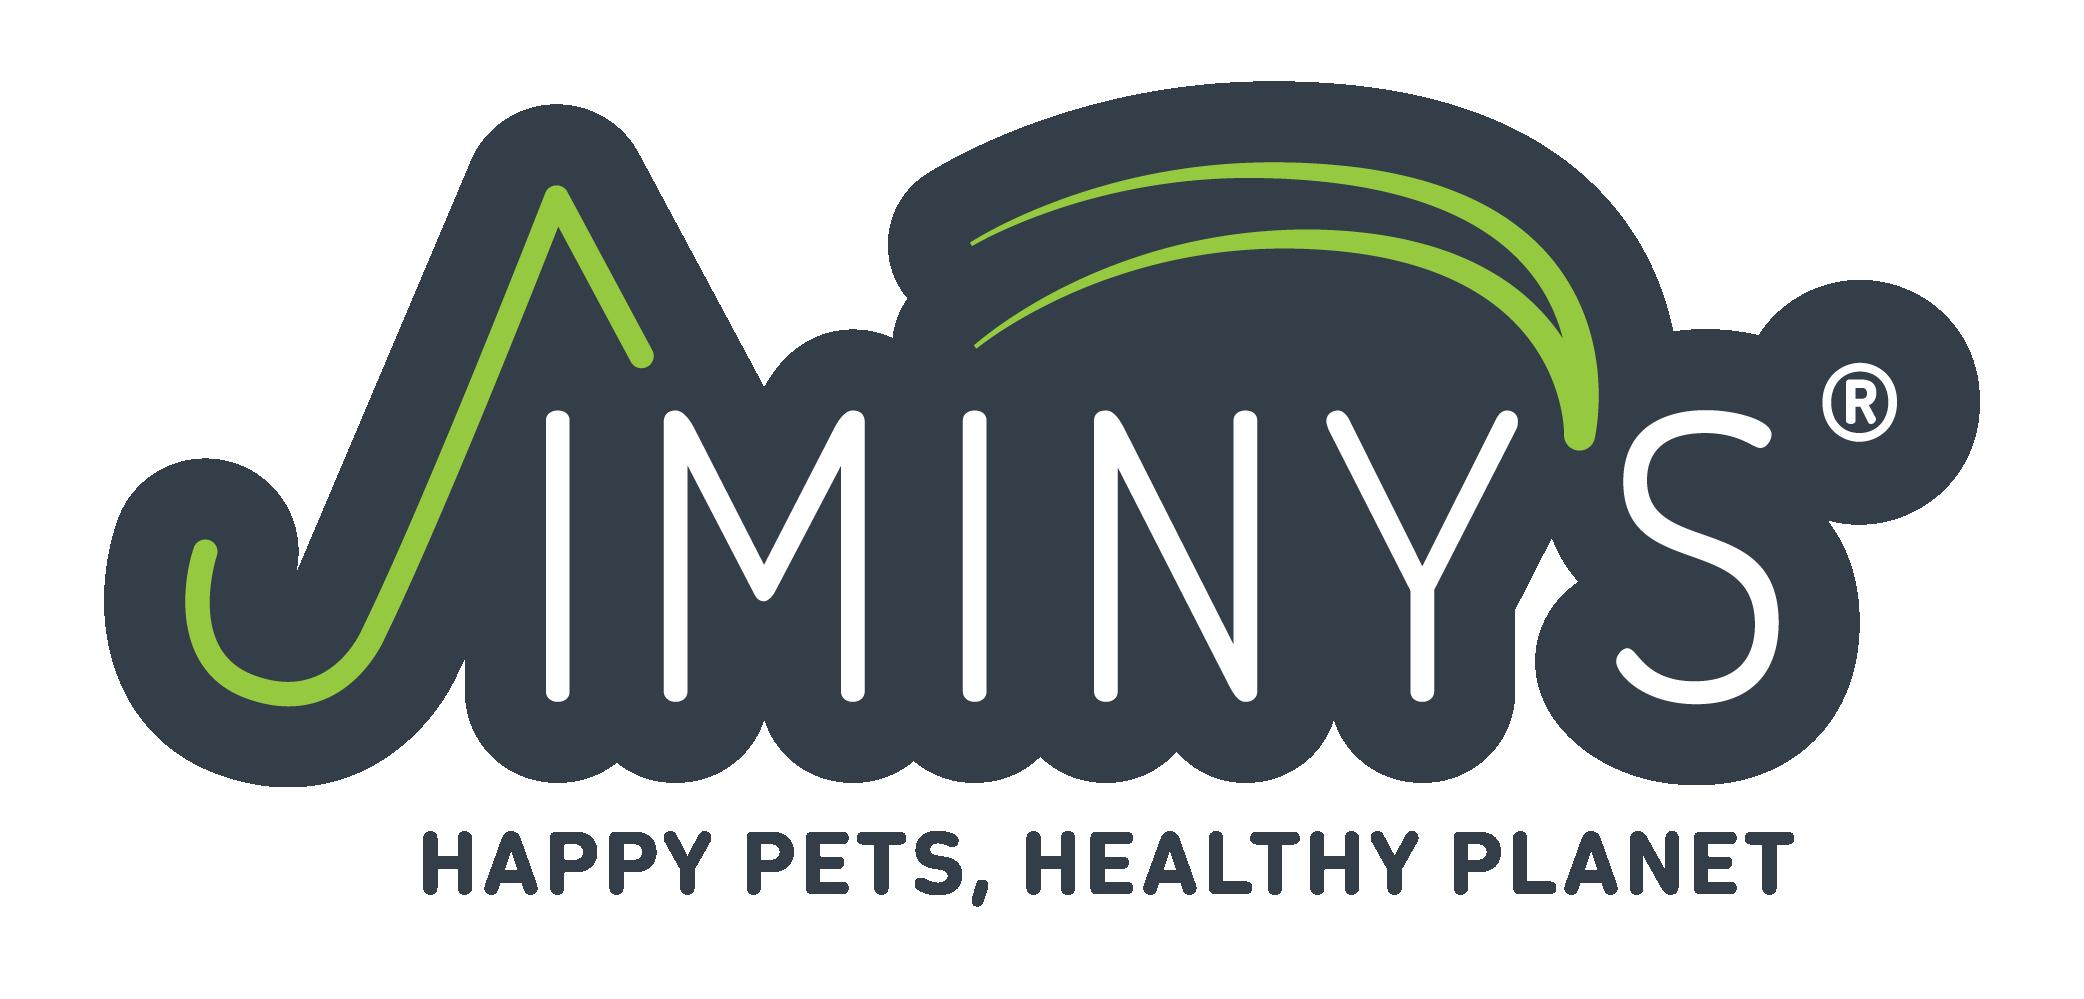 Jiminy's Logo Image